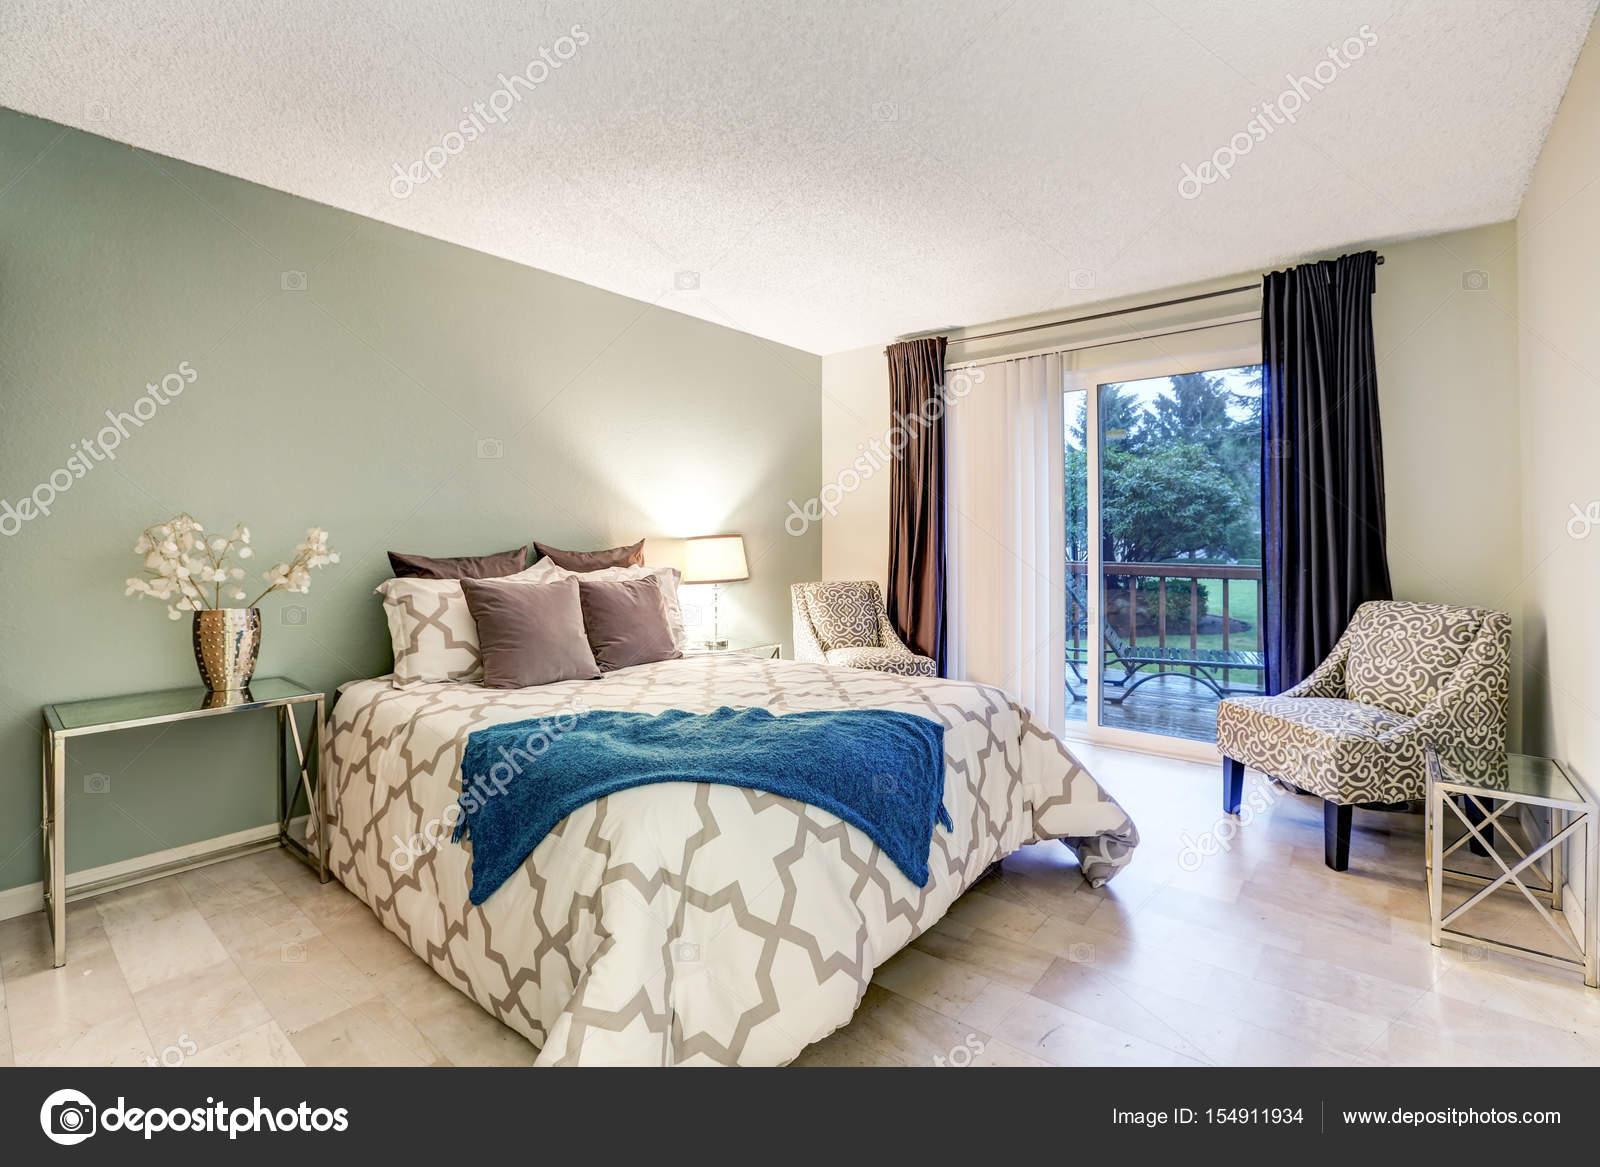 Slaapkamer Groen Bruin : Slaapkamer interieur met beige en groene muren u stockfoto